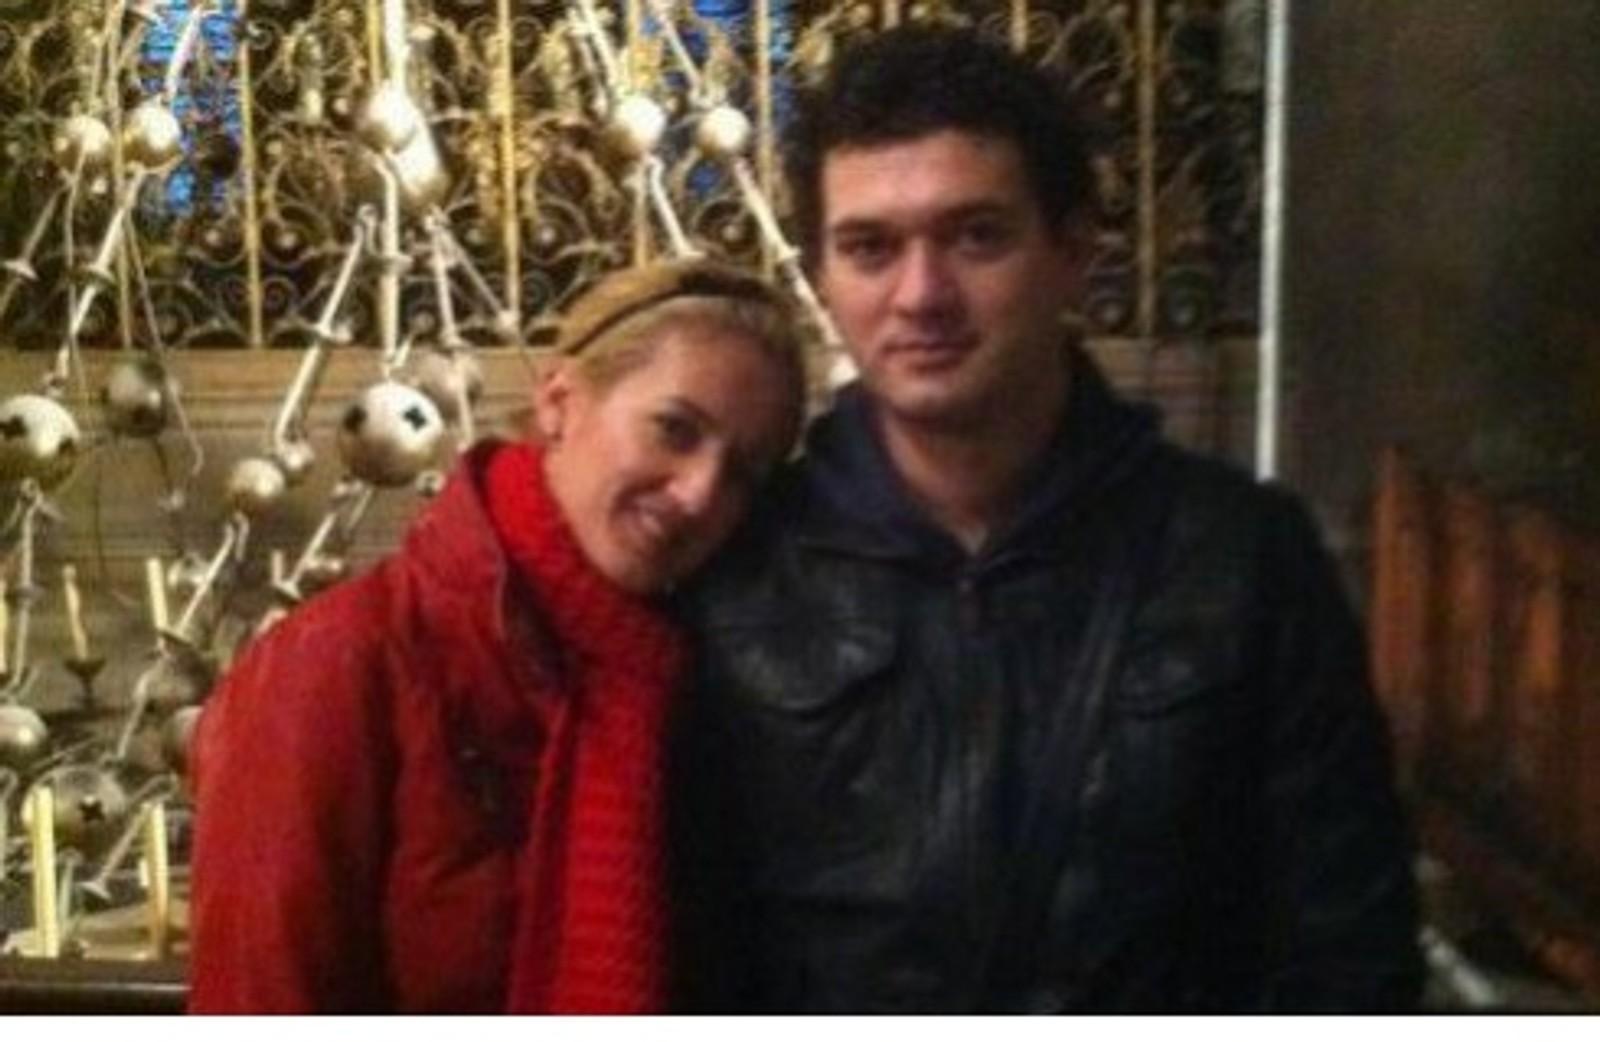 DREPT: Det rumenske paret Mariana Lacramioara Pop (29) og Ionut Ciprian Calciu (32) spiste middag på restauranten La Belle Équipe. Der ble de begge offer for terrorhandlingene.